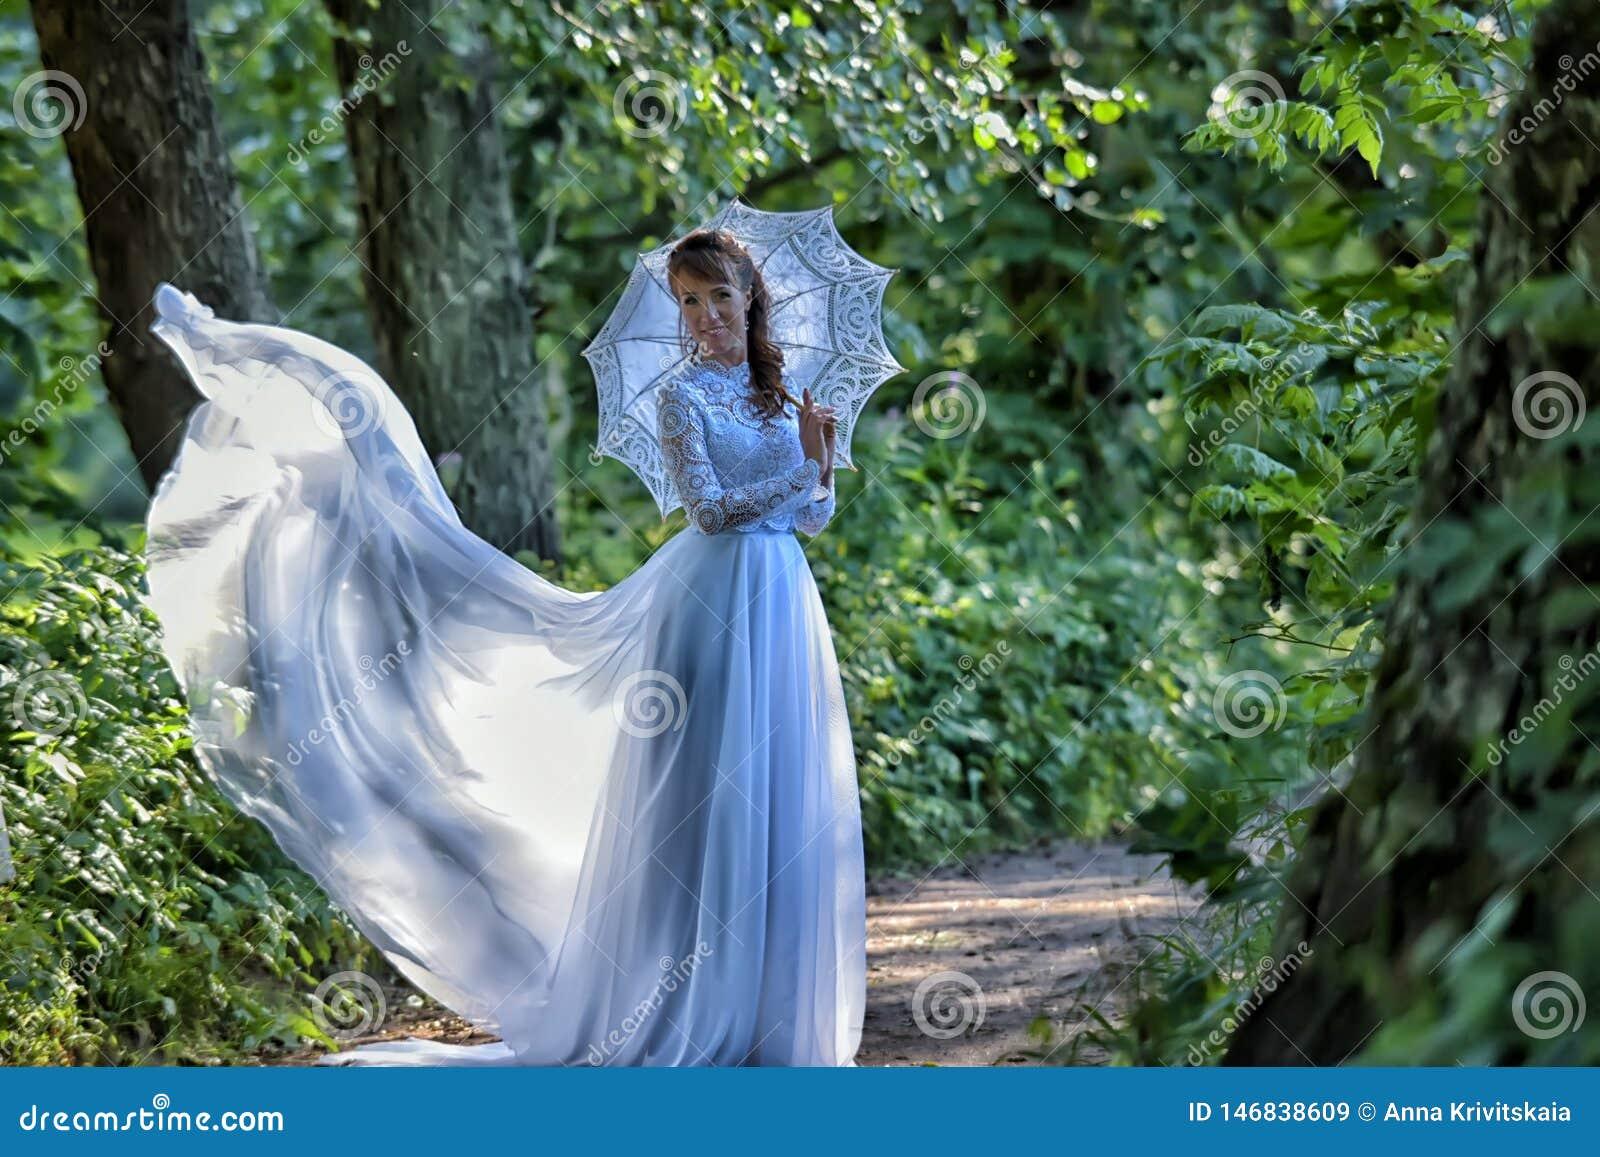 Elegant brunette in a vintage white dress